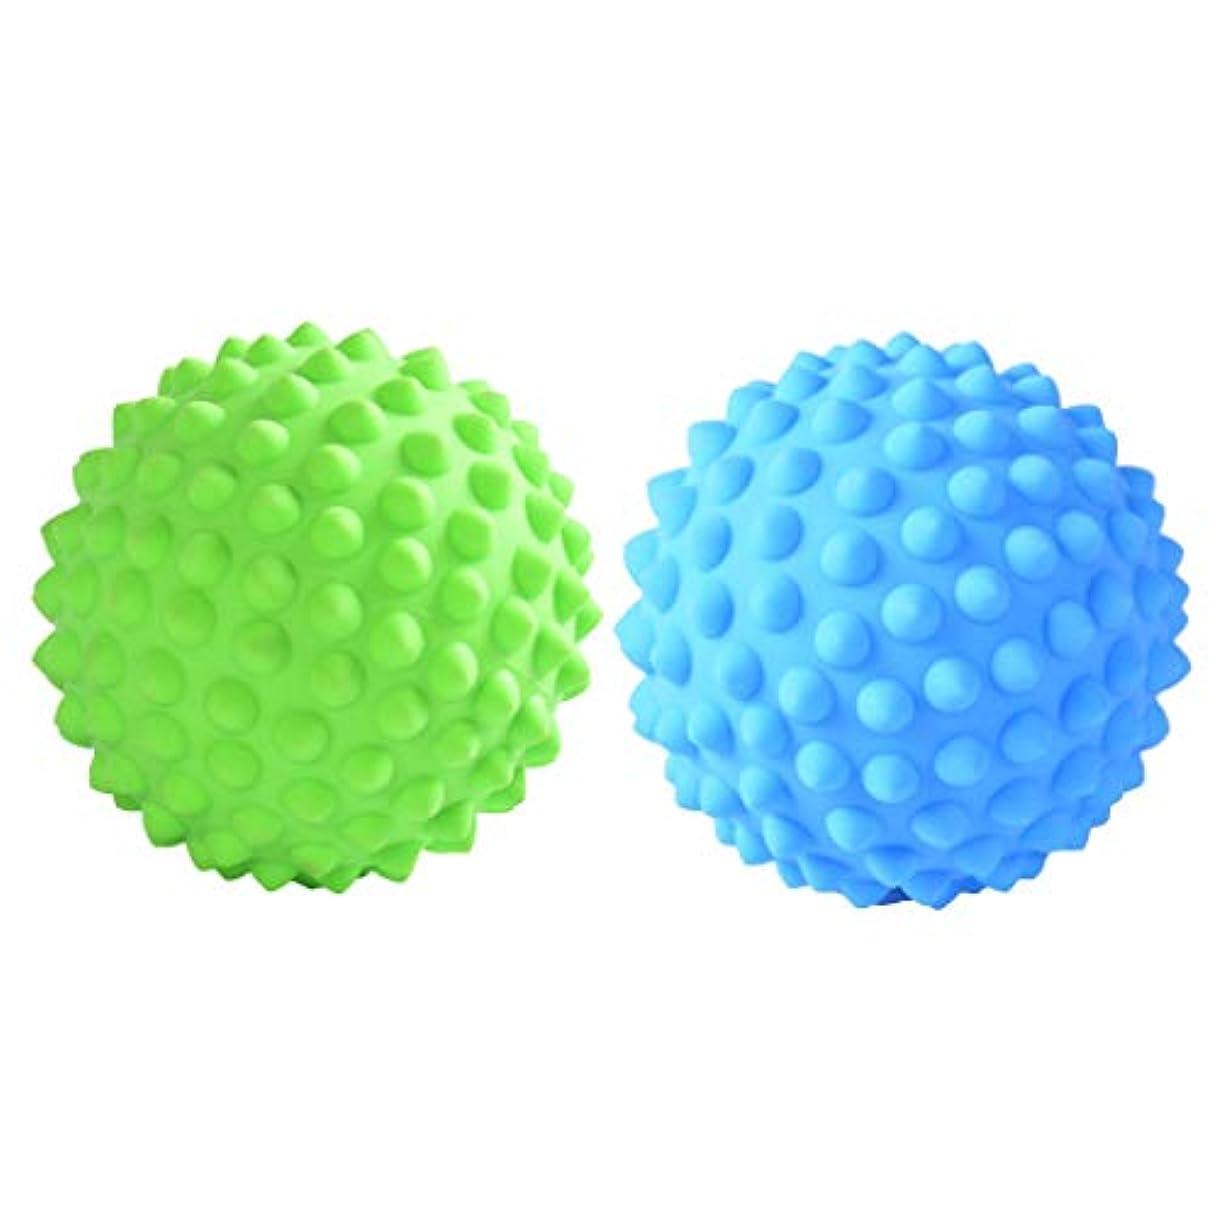 混合した改善寸前chiwanji マッサージローラーボール 指圧ボール トリガーポイント 疲れ解消ボール ヨガ 疲労軽減 2個入